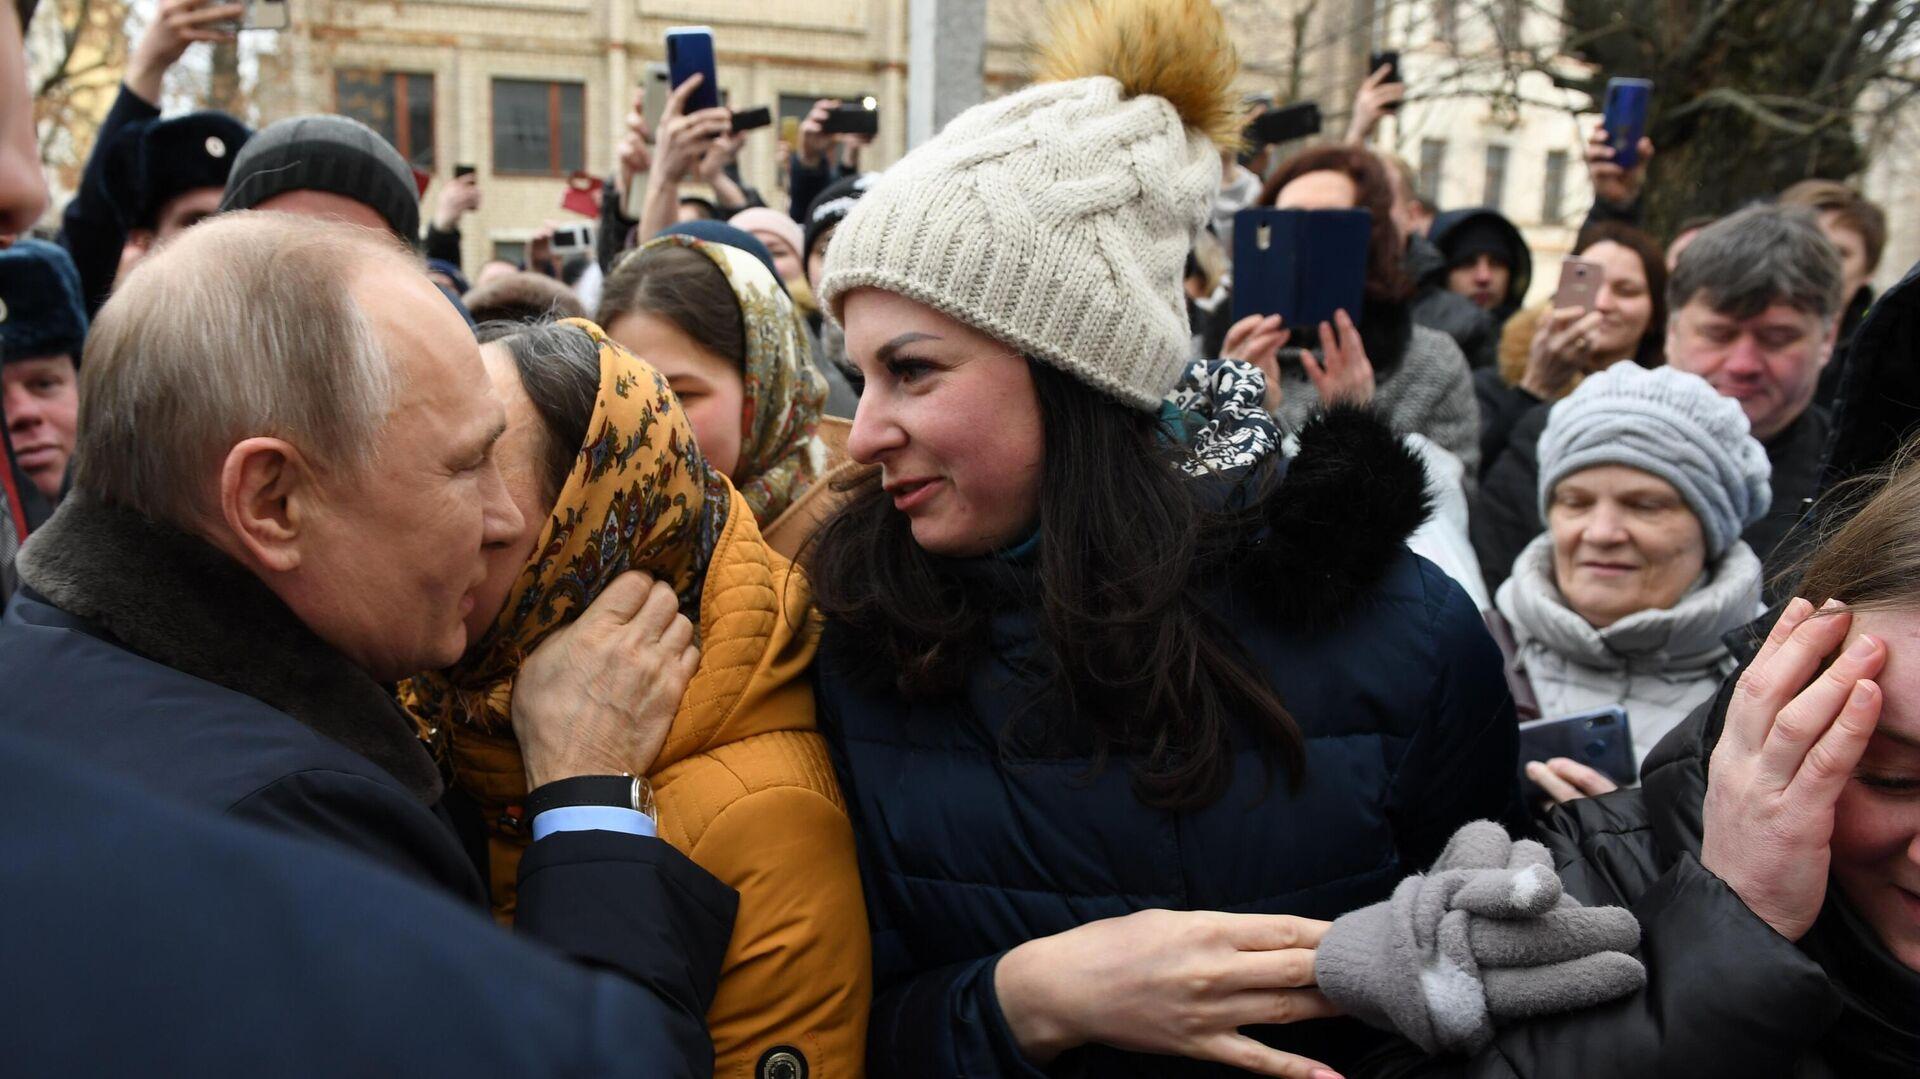 Президент РФ Владимир Путин общается с местными жителями в городе Иваново - РИА Новости, 1920, 07.03.2021